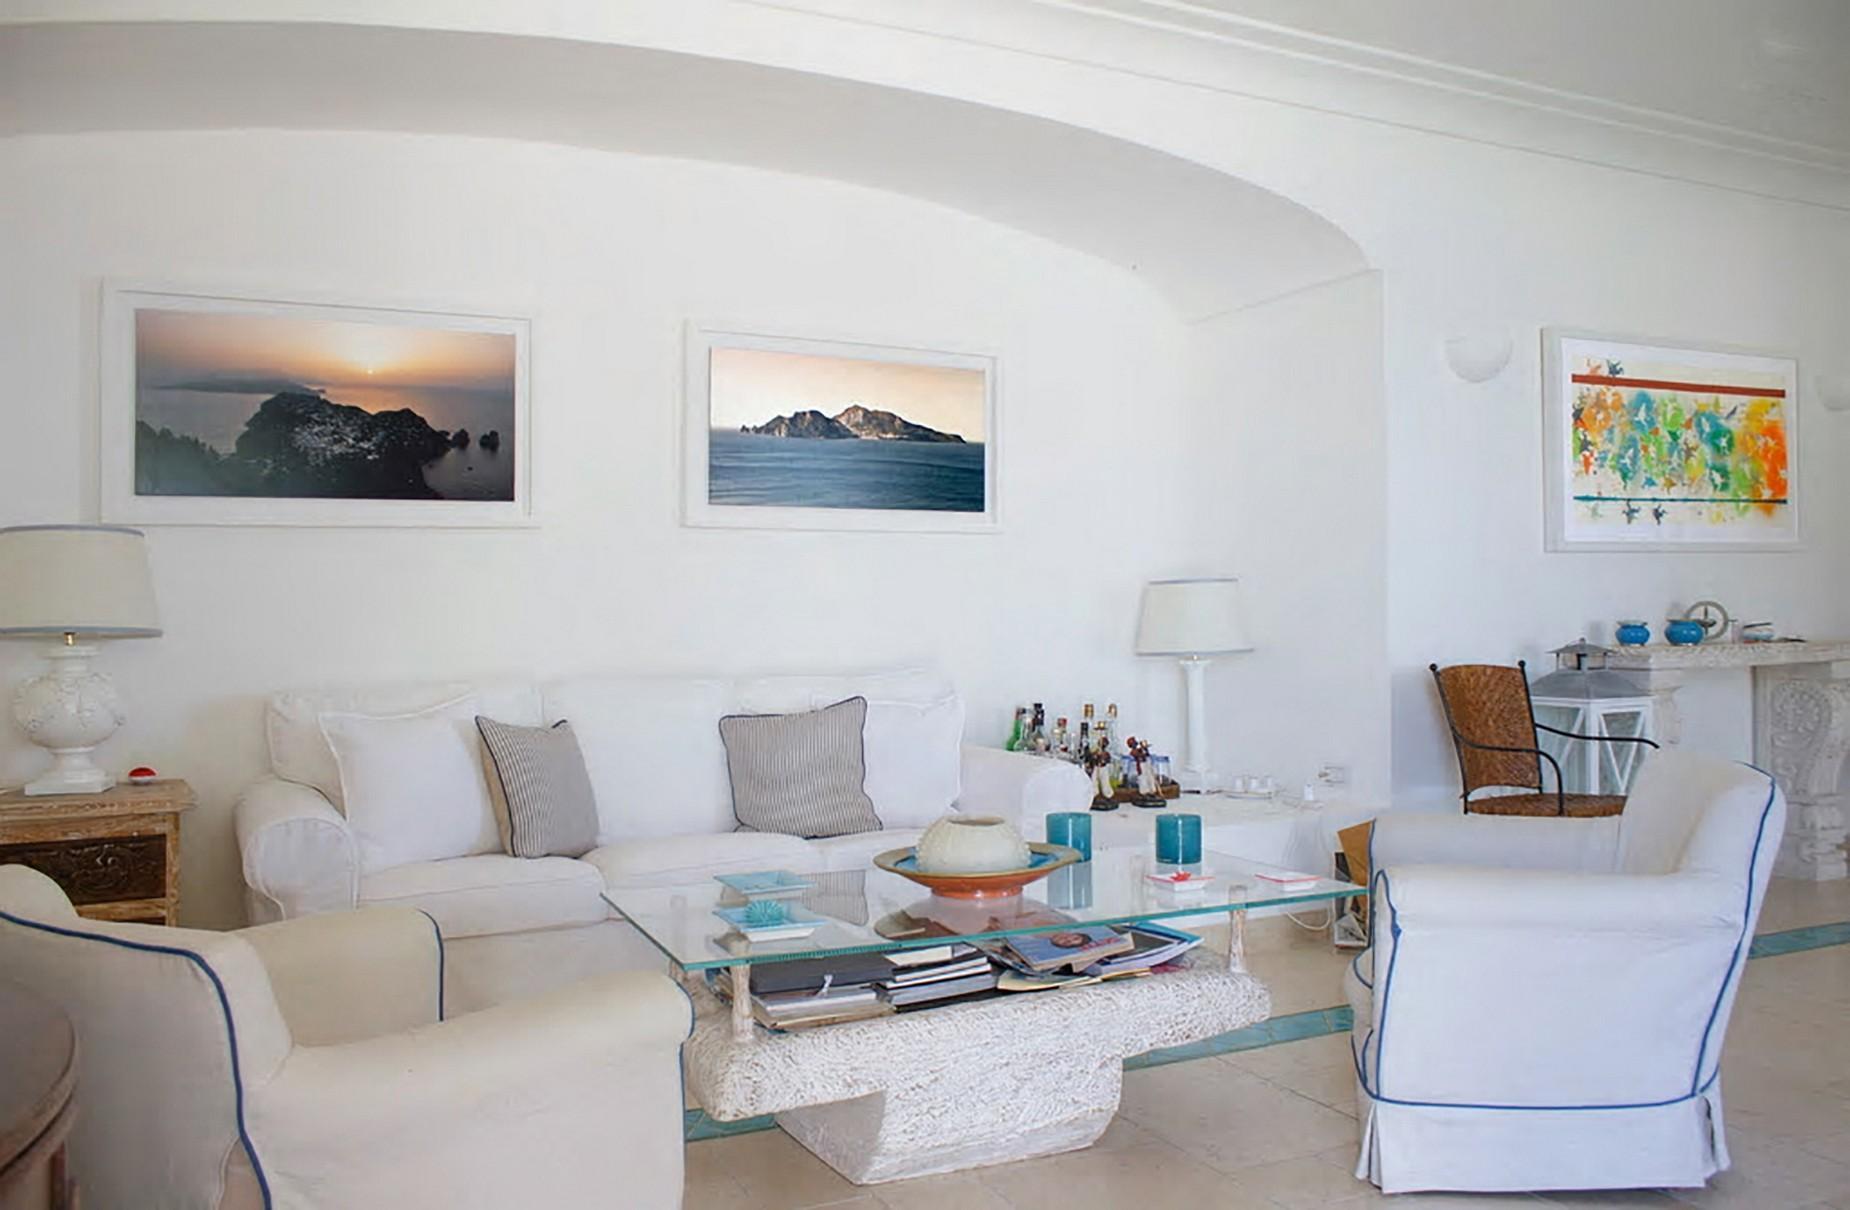 Очаровательная вилла с панорамным бассейном в центре легендарного острова Капри, Италия - 14